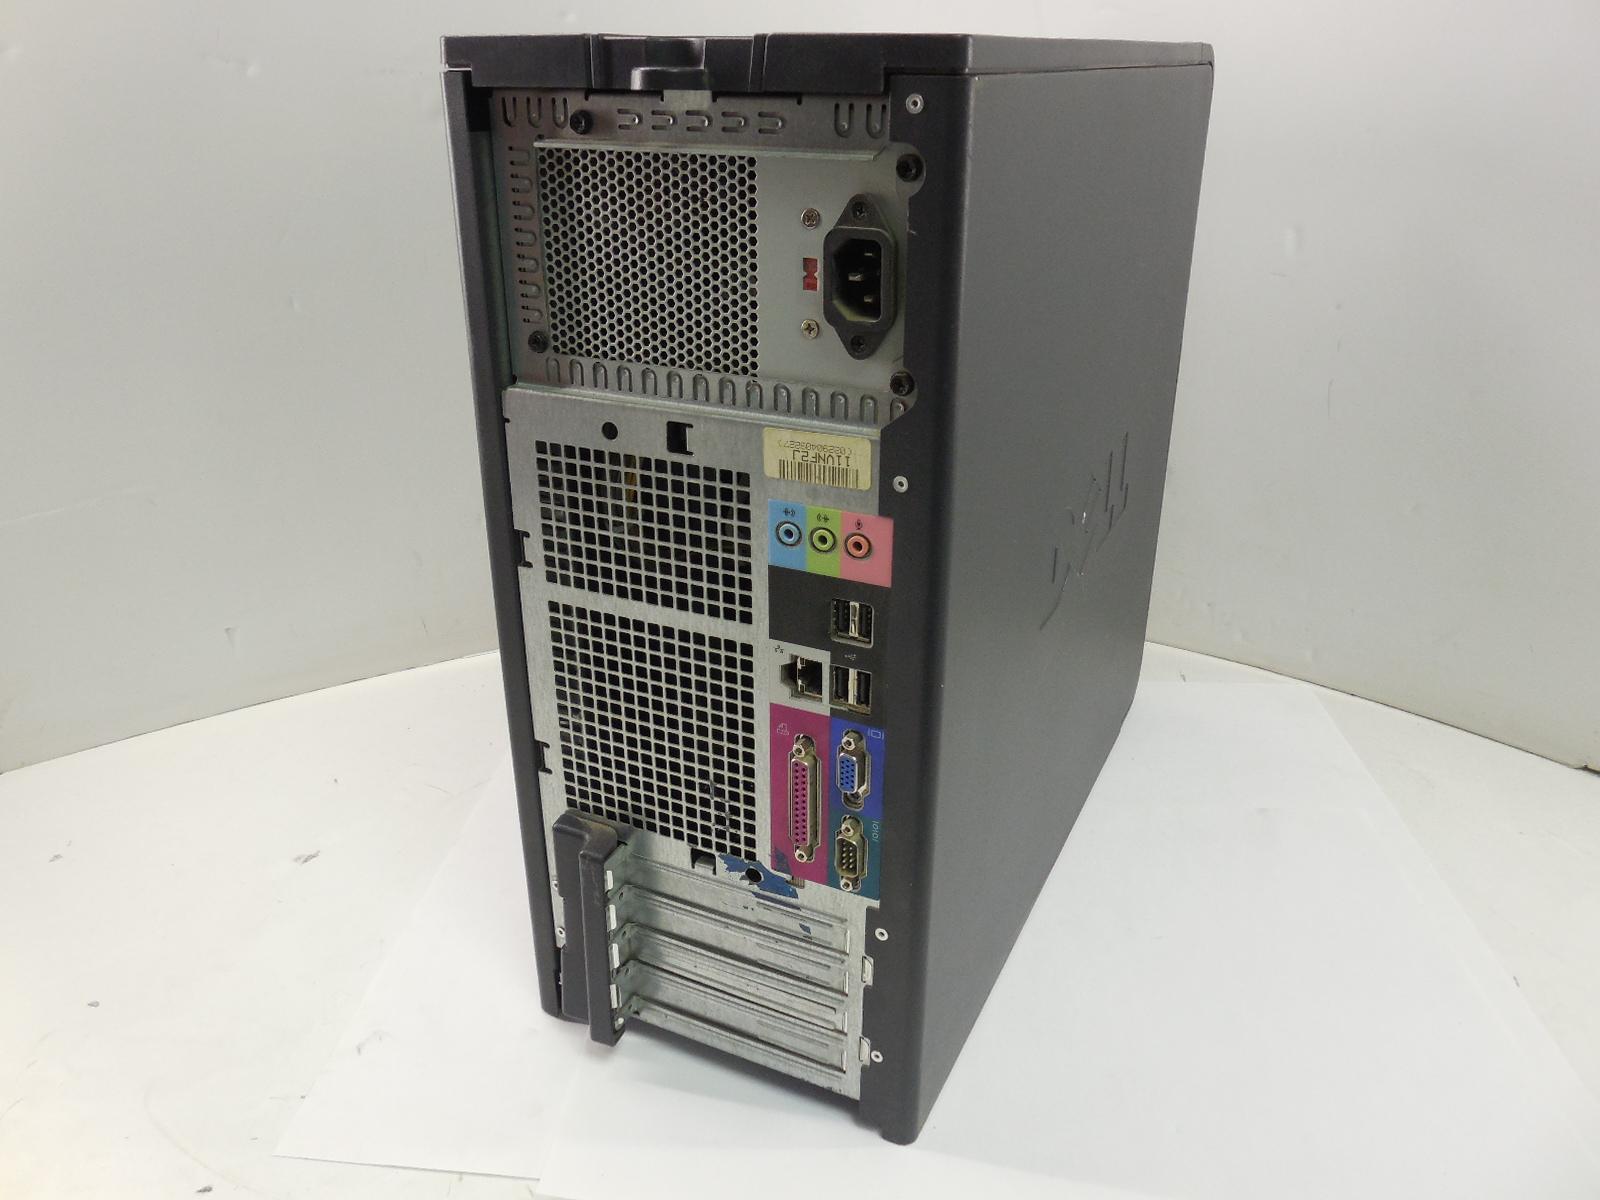 Dell Optiplex L Windows XP Pro SP3 Intel Pentium 4 GHz 1GB RAM GB HDD